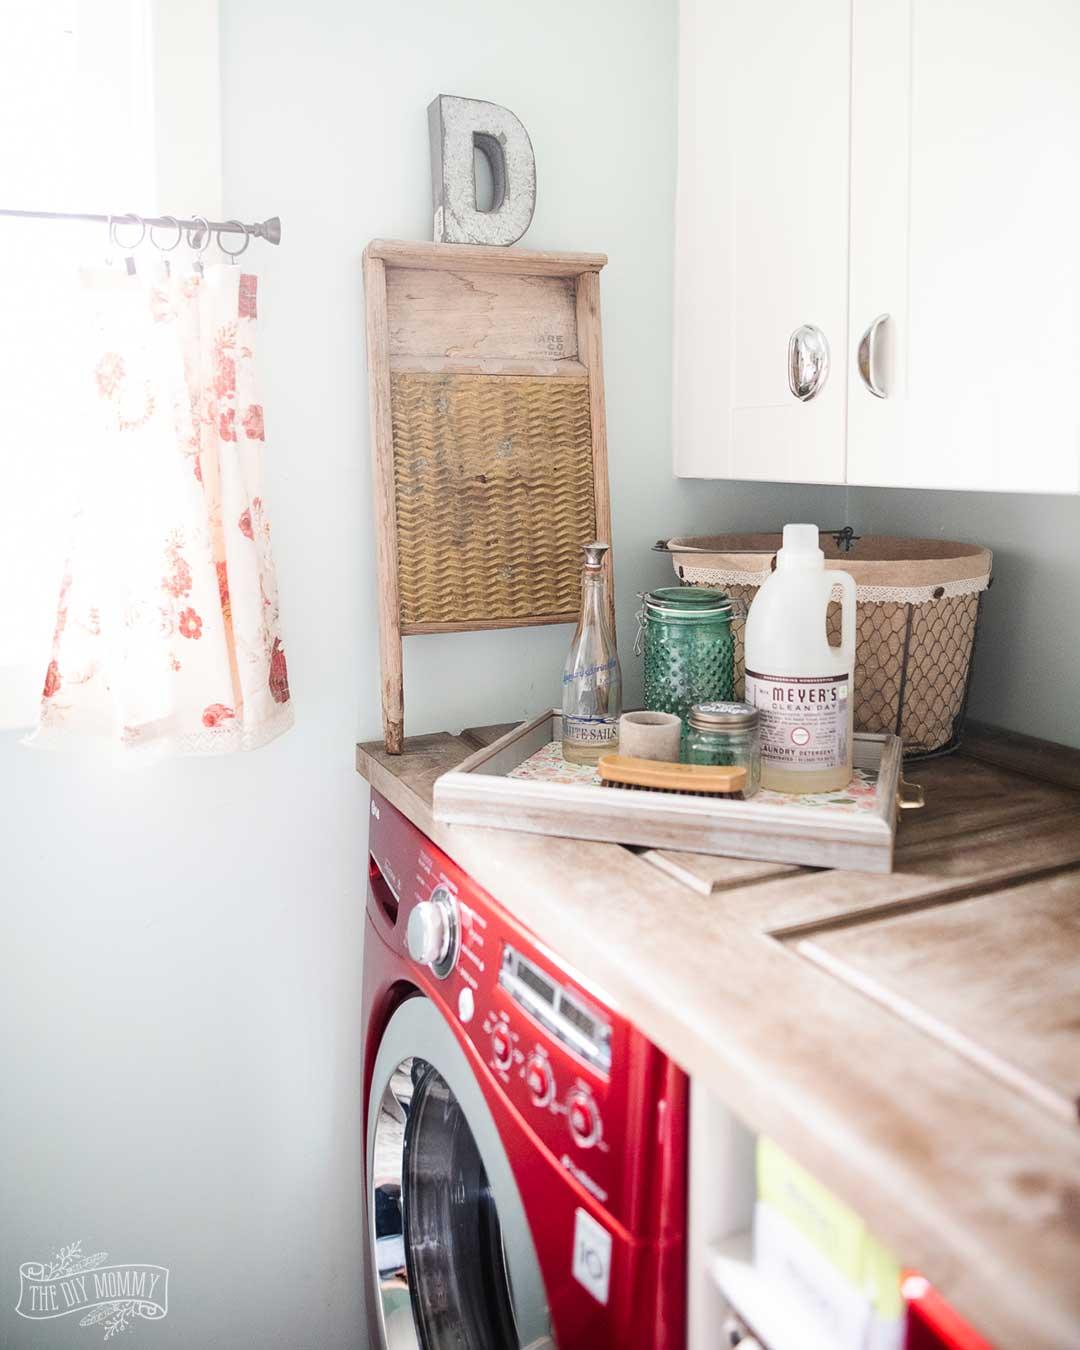 Small Laundry Room Organization & Decor Ideas